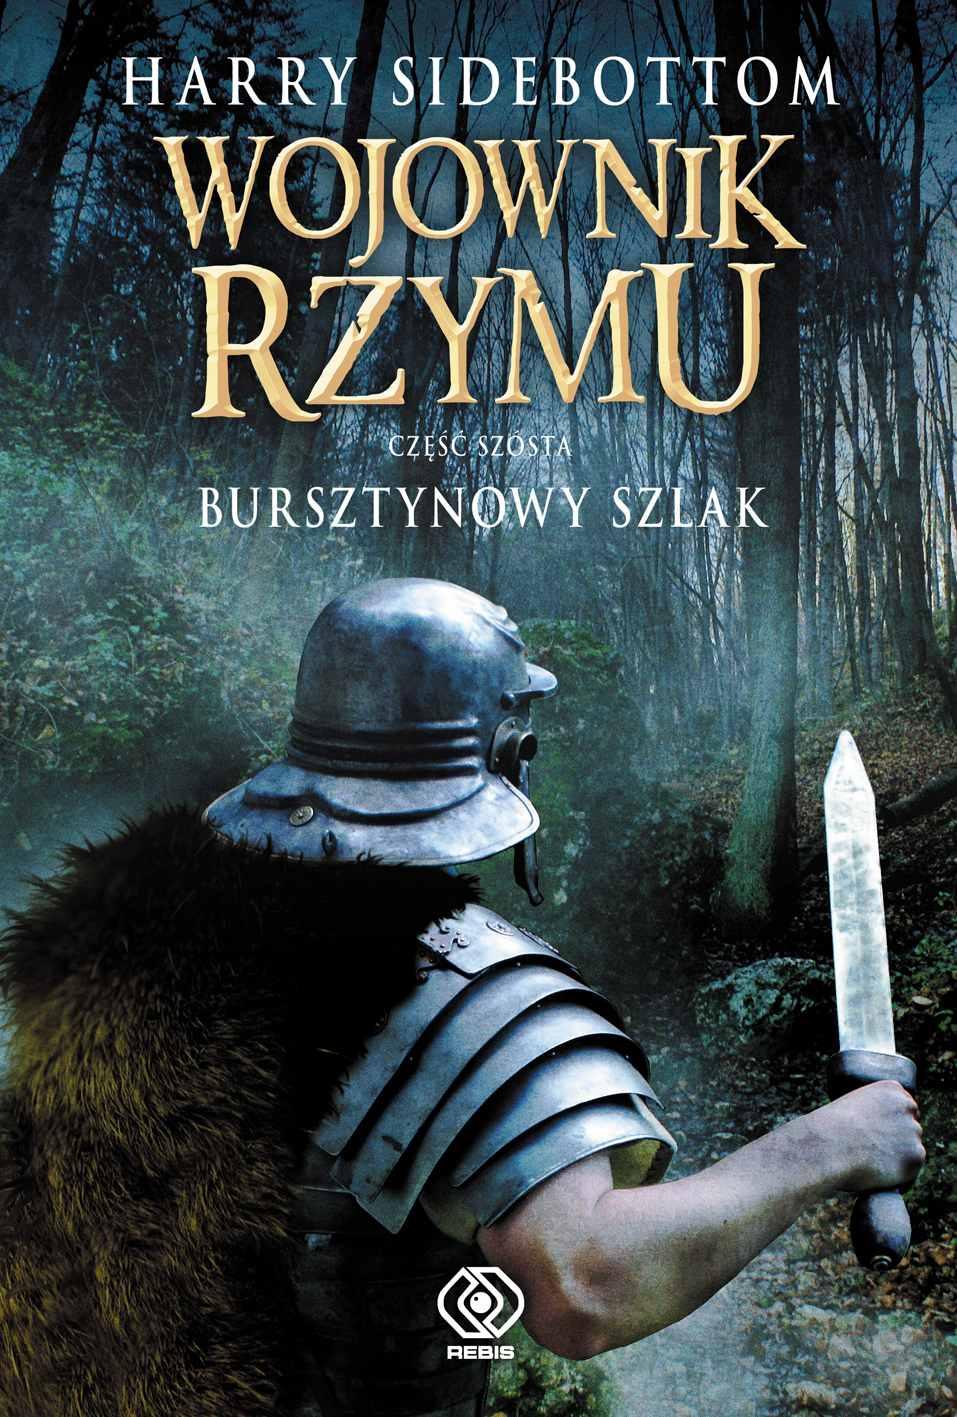 Wojownik Rzymu. Bursztynowy szlak - Ebook (Książka EPUB) do pobrania w formacie EPUB